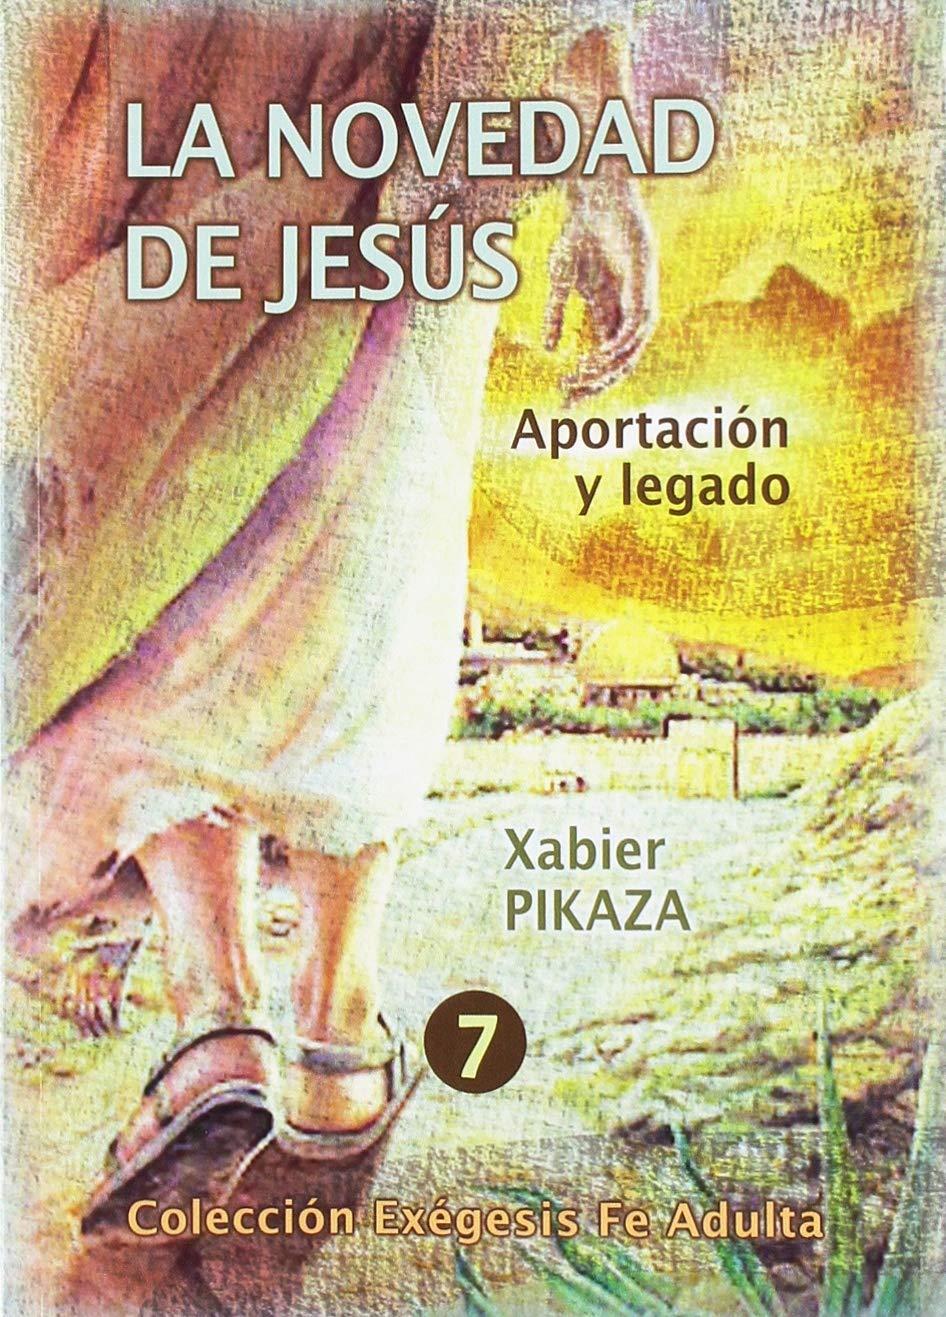 Resultado de imagen de pikaza, fe adulta